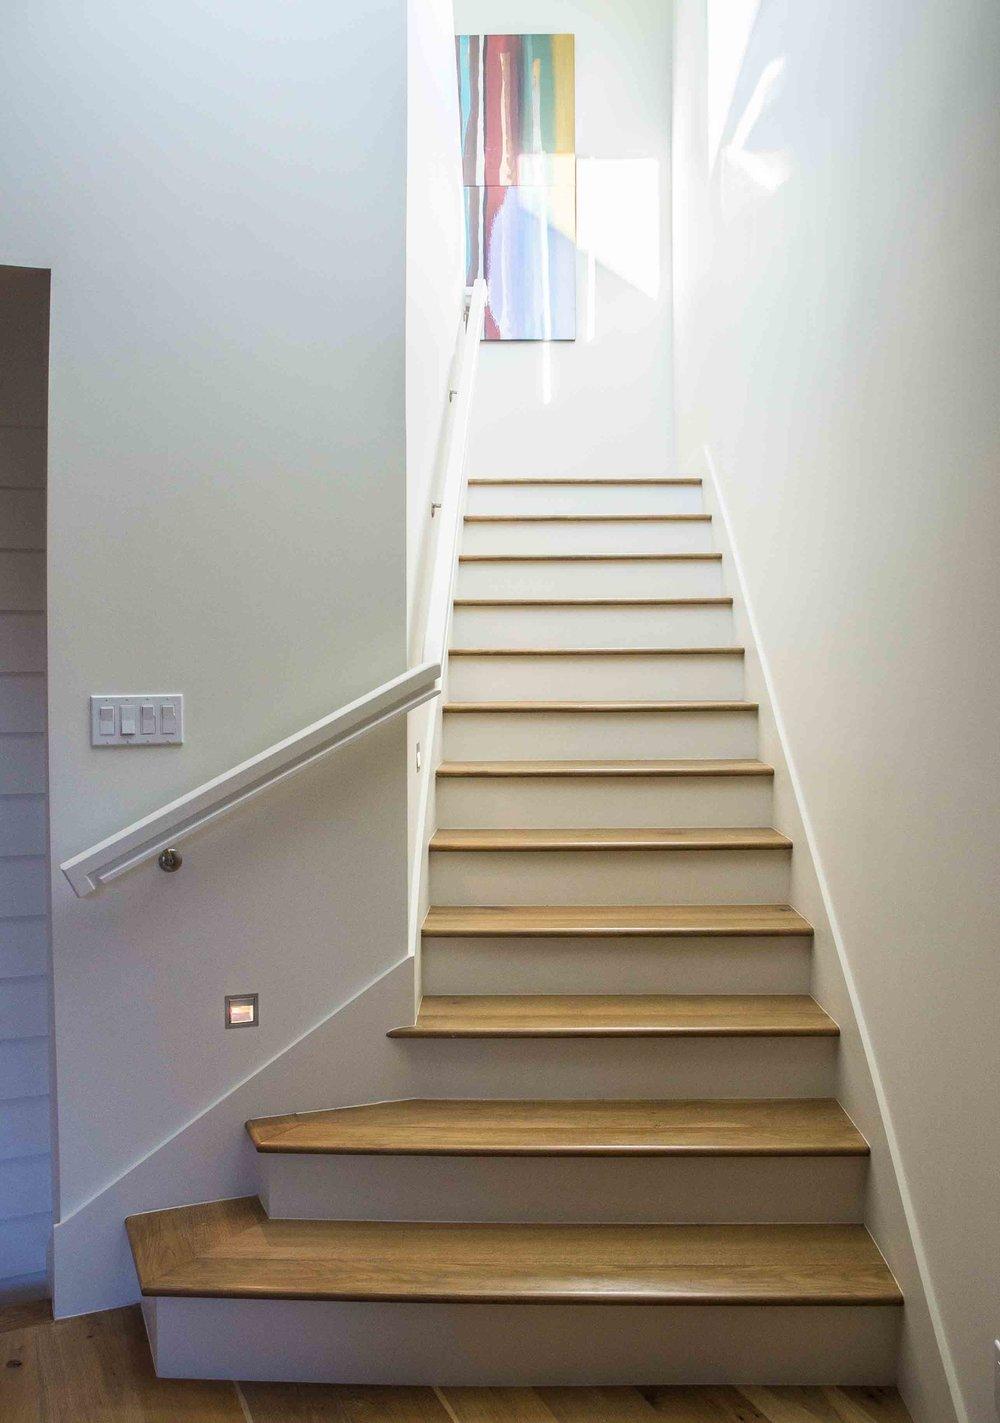 H9_Staircase1.jpg